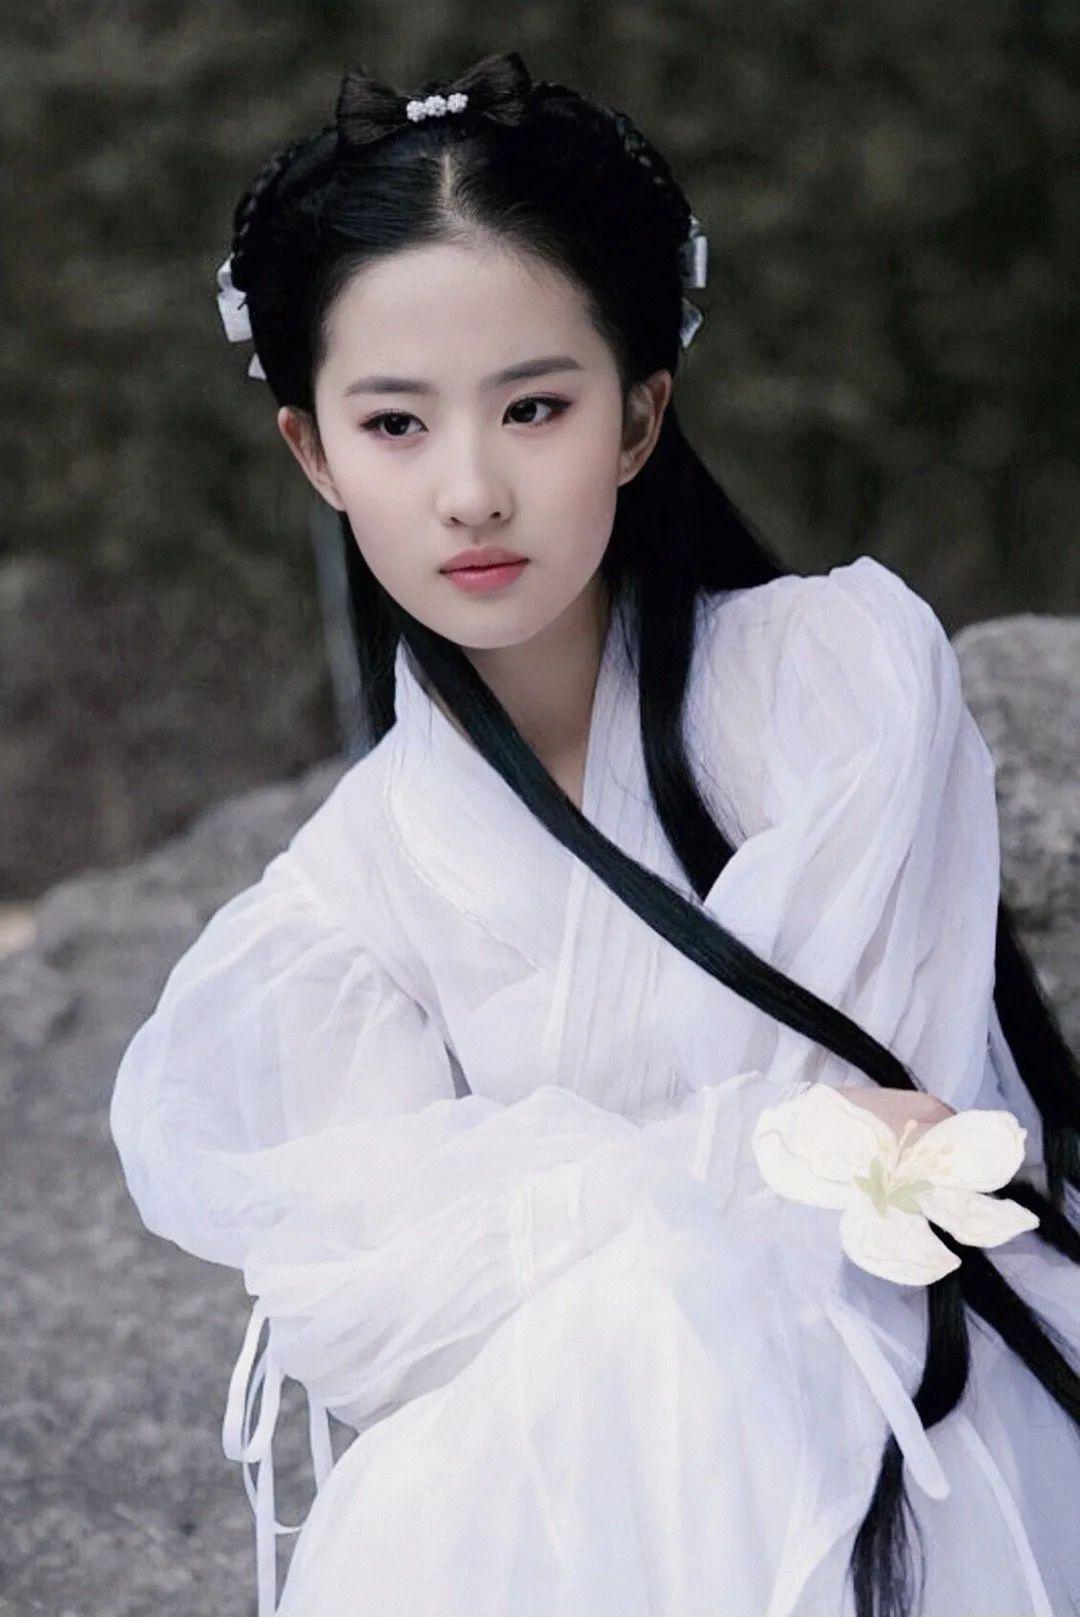 刘亦菲小龙女美图,这就是神仙姐姐的美貌吗?_图片 No.1